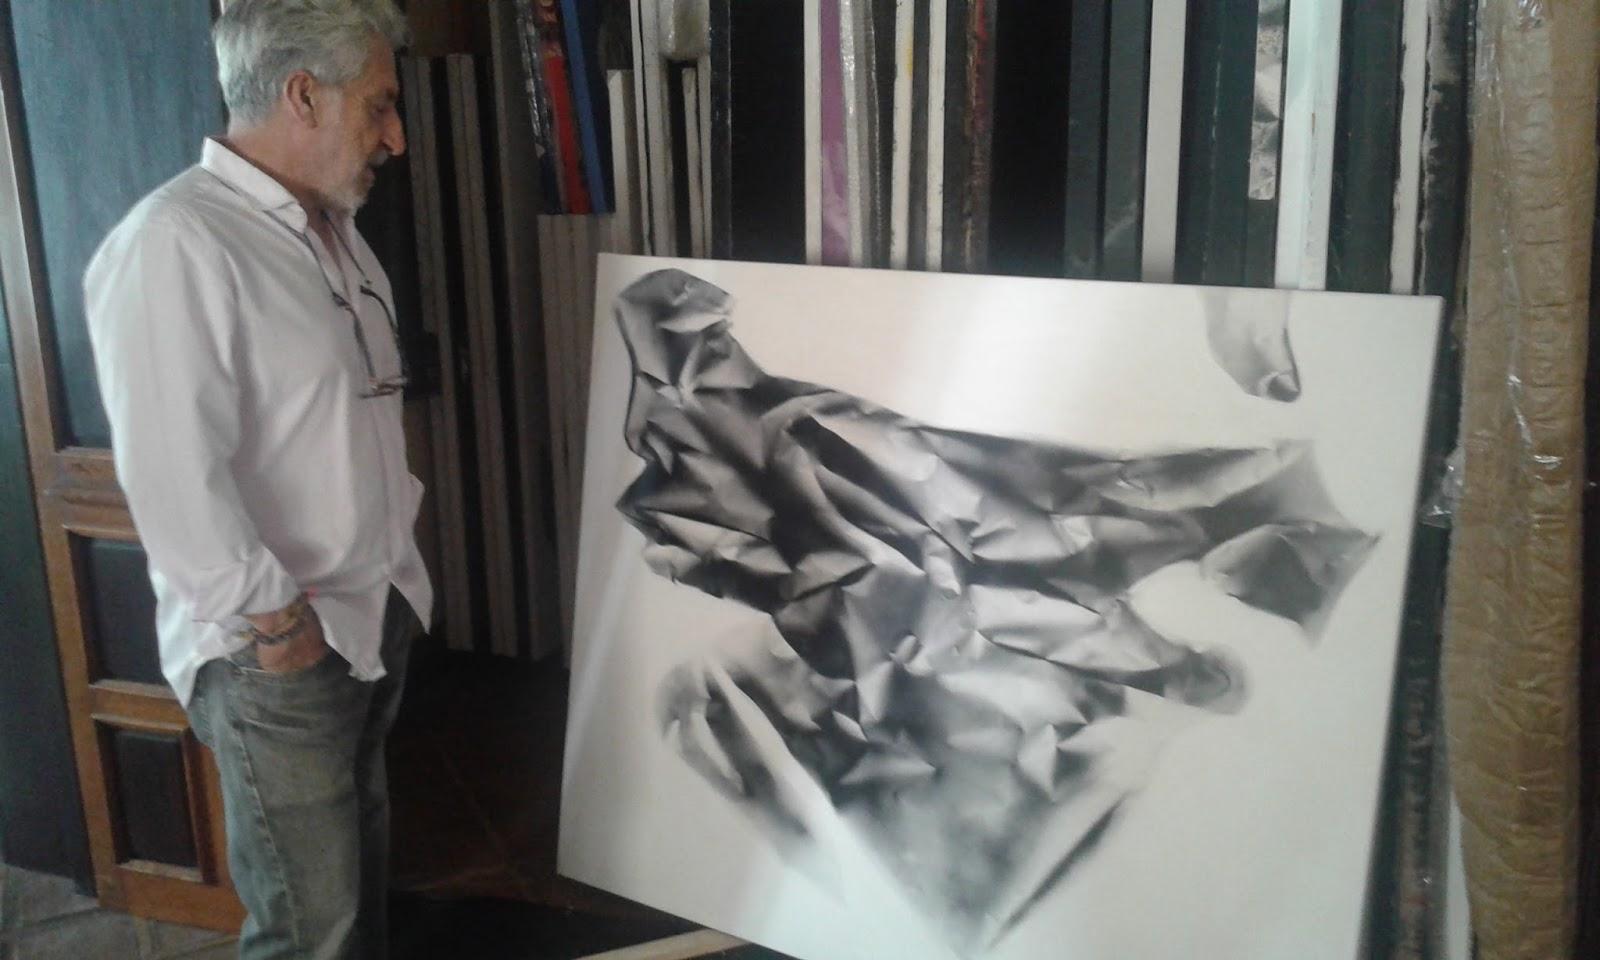 el pasado viernes visit el estudio de jos miguel roy anglada era la ltima oportunidad de ver algunas obras que el maestro madrileo afincado en marbella